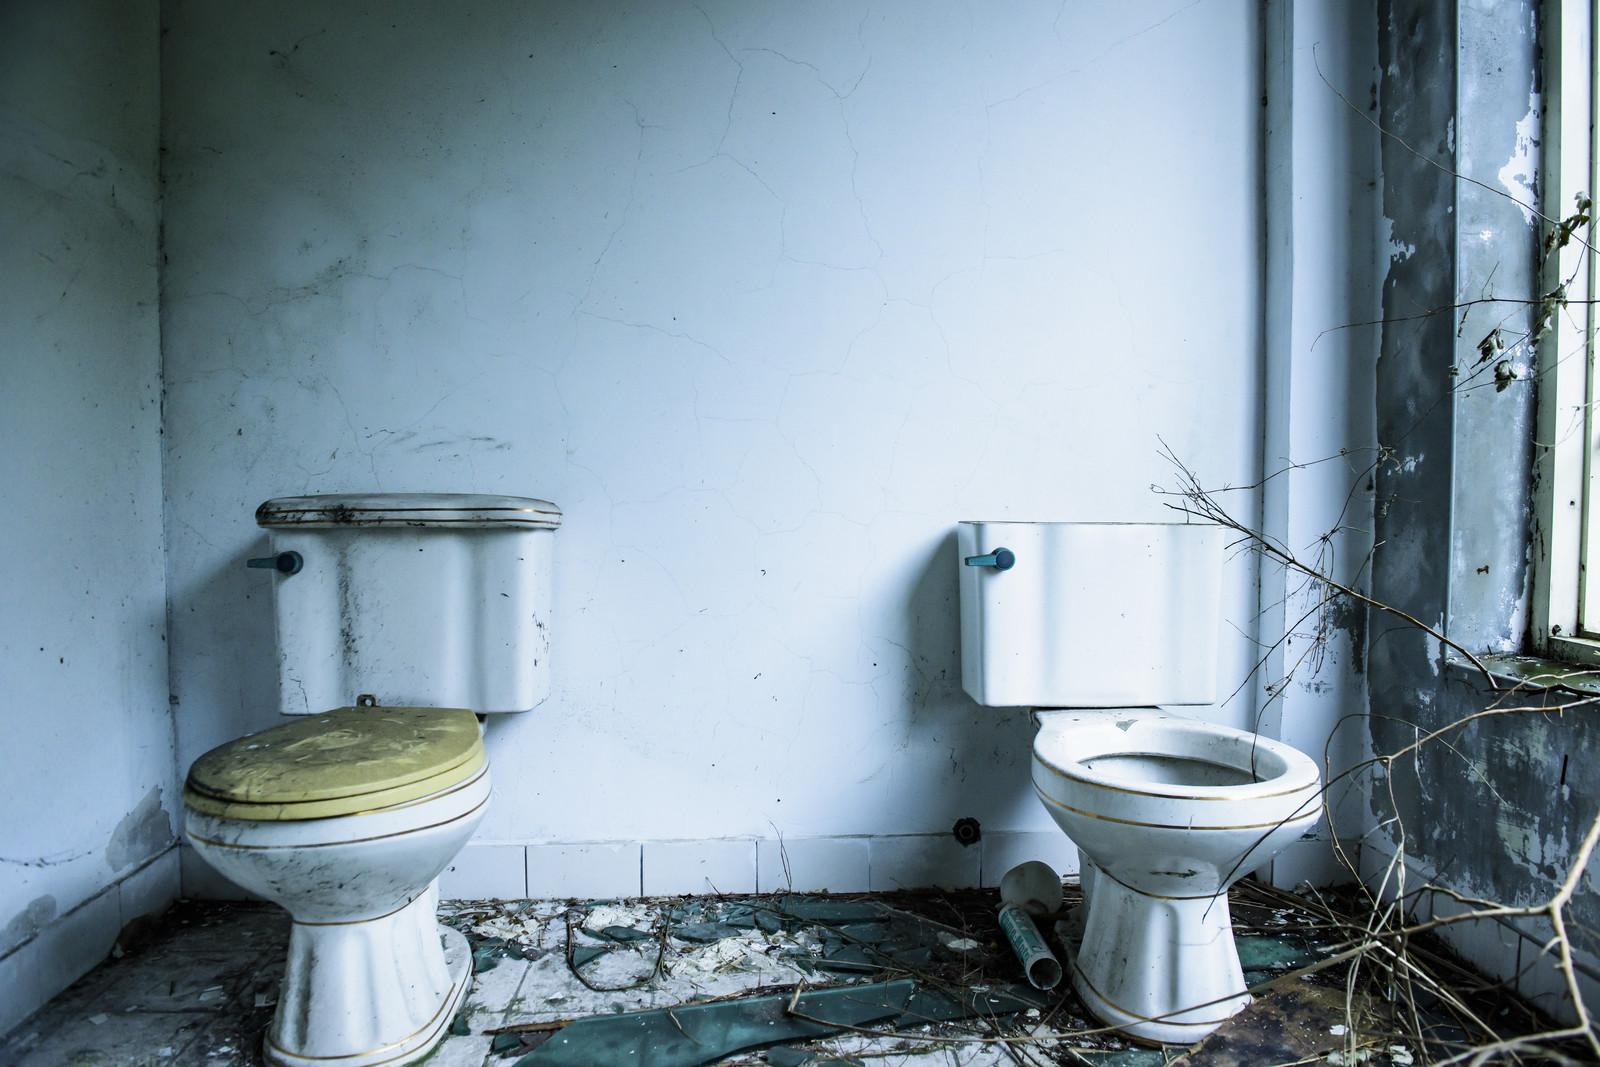 台湾のトイレ事情!トイレットペーパーは持参&流せない!?